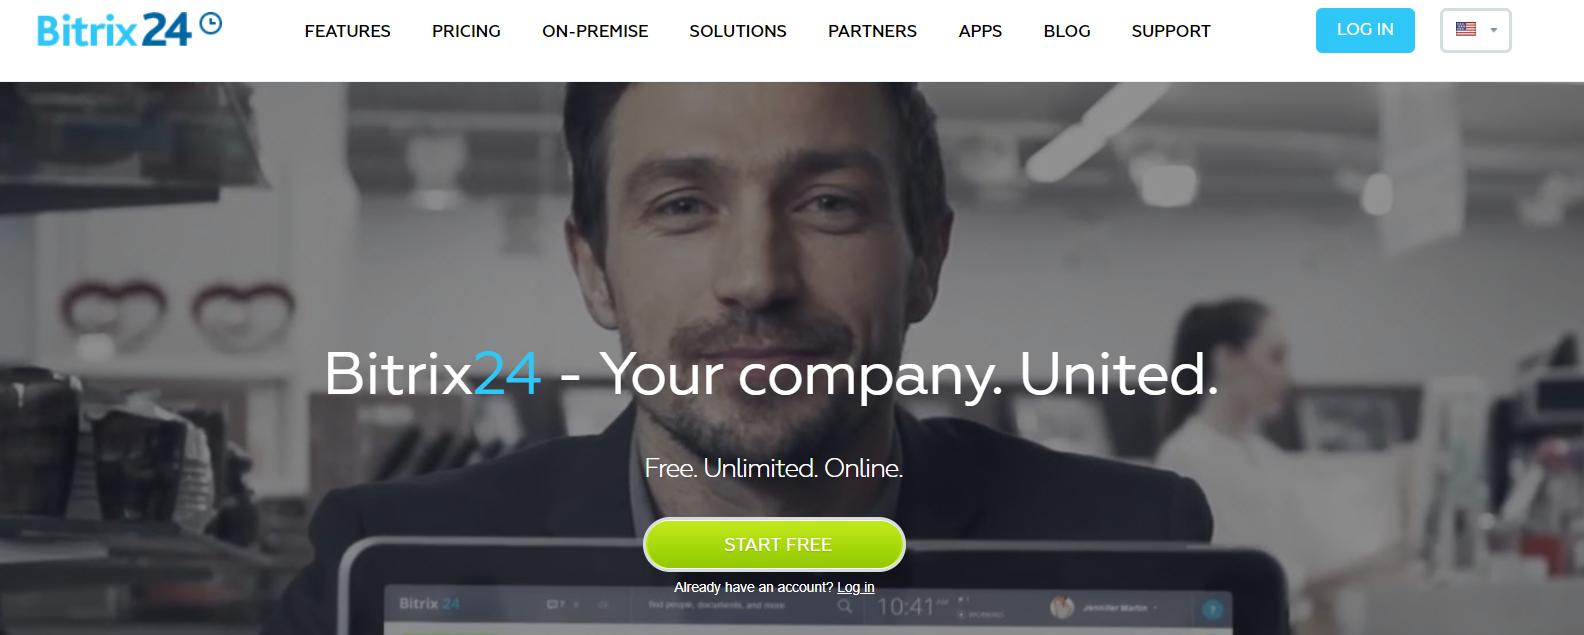 Bitrix24 Review- Best Collaboration Platform